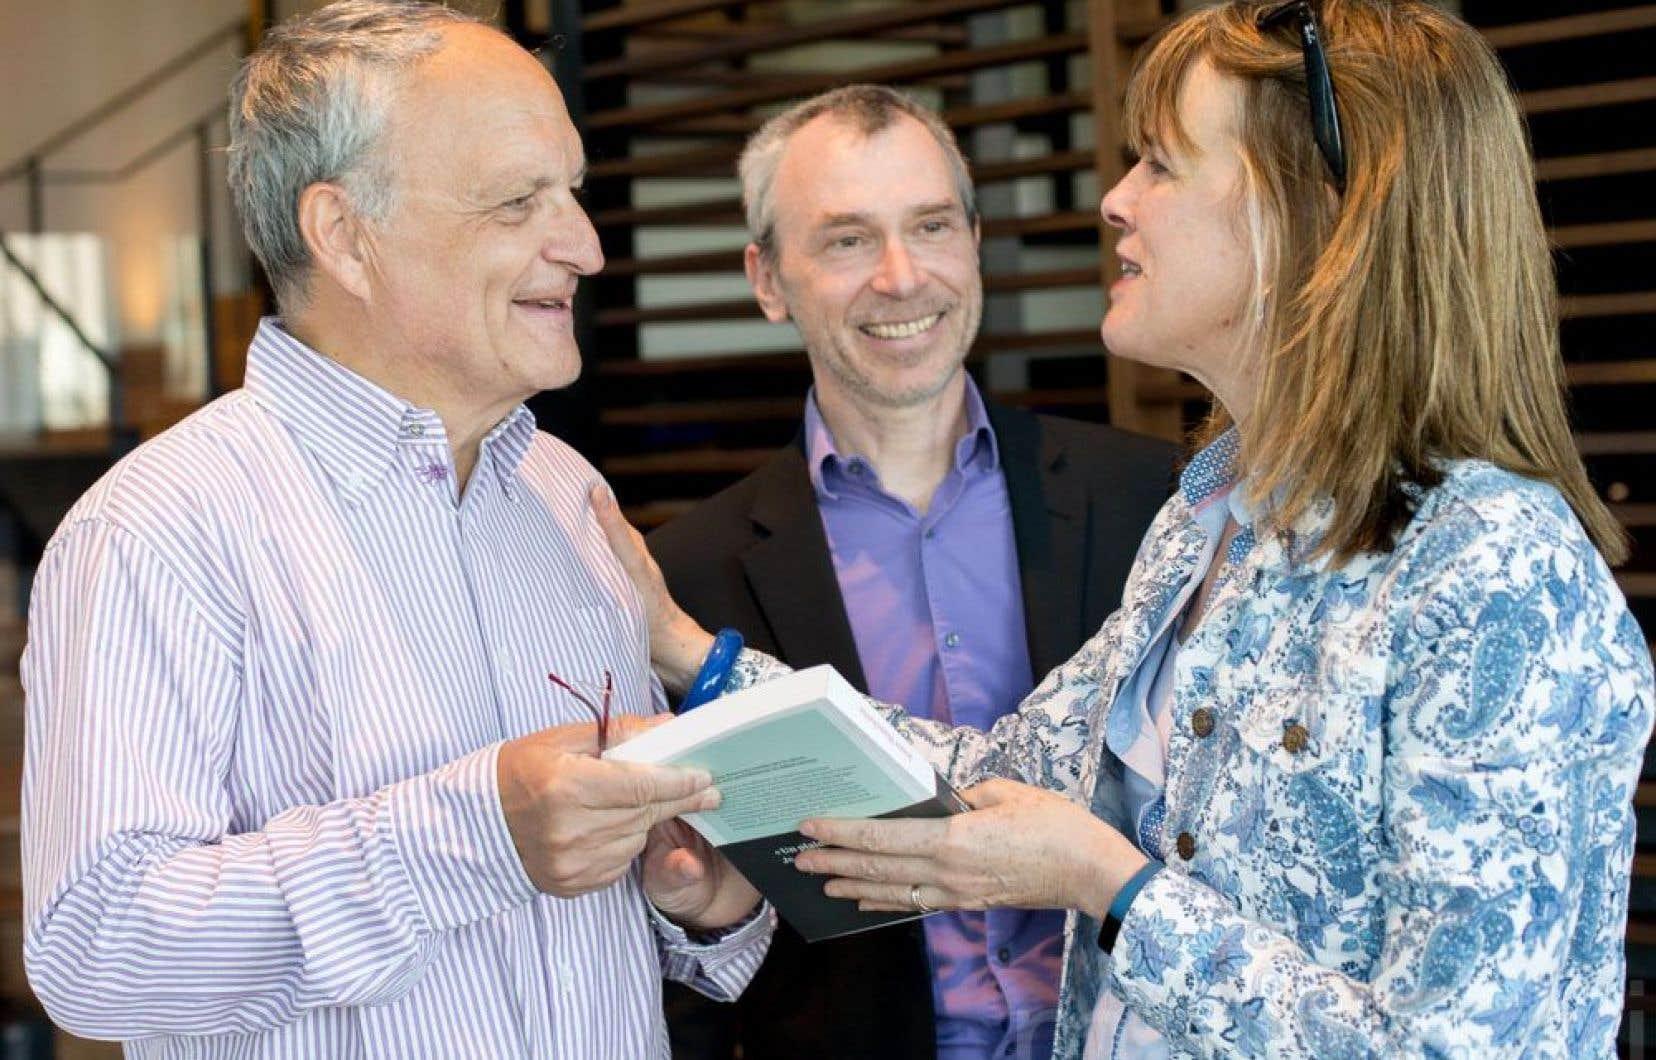 Joblo rencontre le Dr Laurent Schwartz, oncologue hors norme (à gauche), et son complice québécois, le professeur Mario Jolicœur, de Polytechnique Montréal. Deux chercheurs qui réfléchissent à l'extérieur de la boîte.